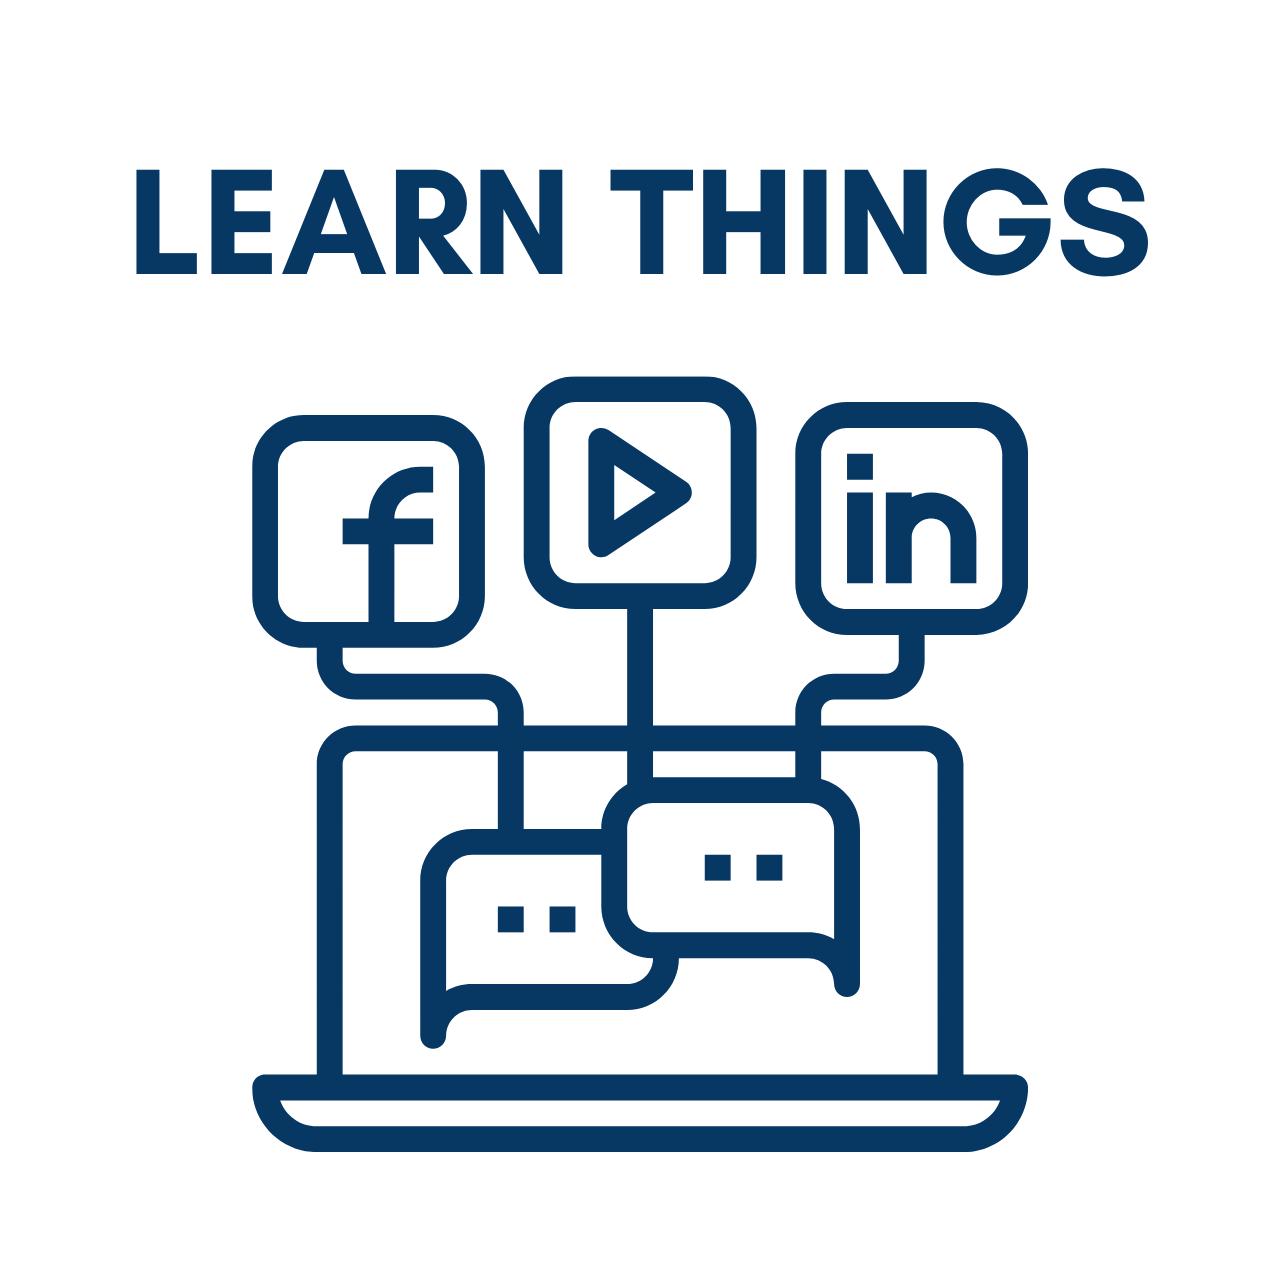 Learn things (1)